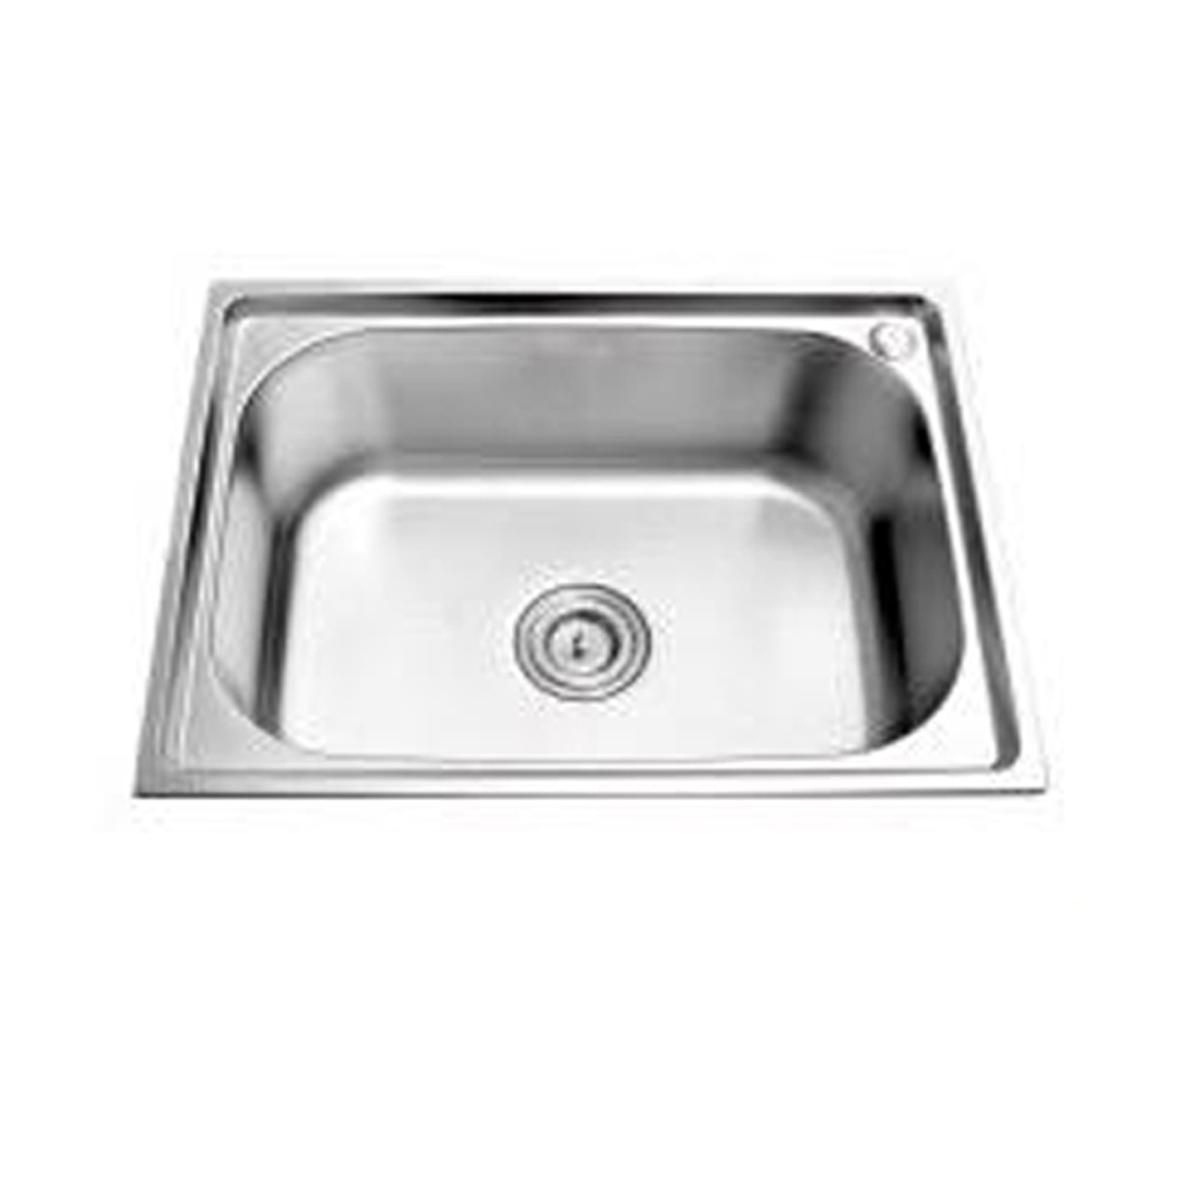 Chậu rửa chén – bát đơn INOX 201 HT